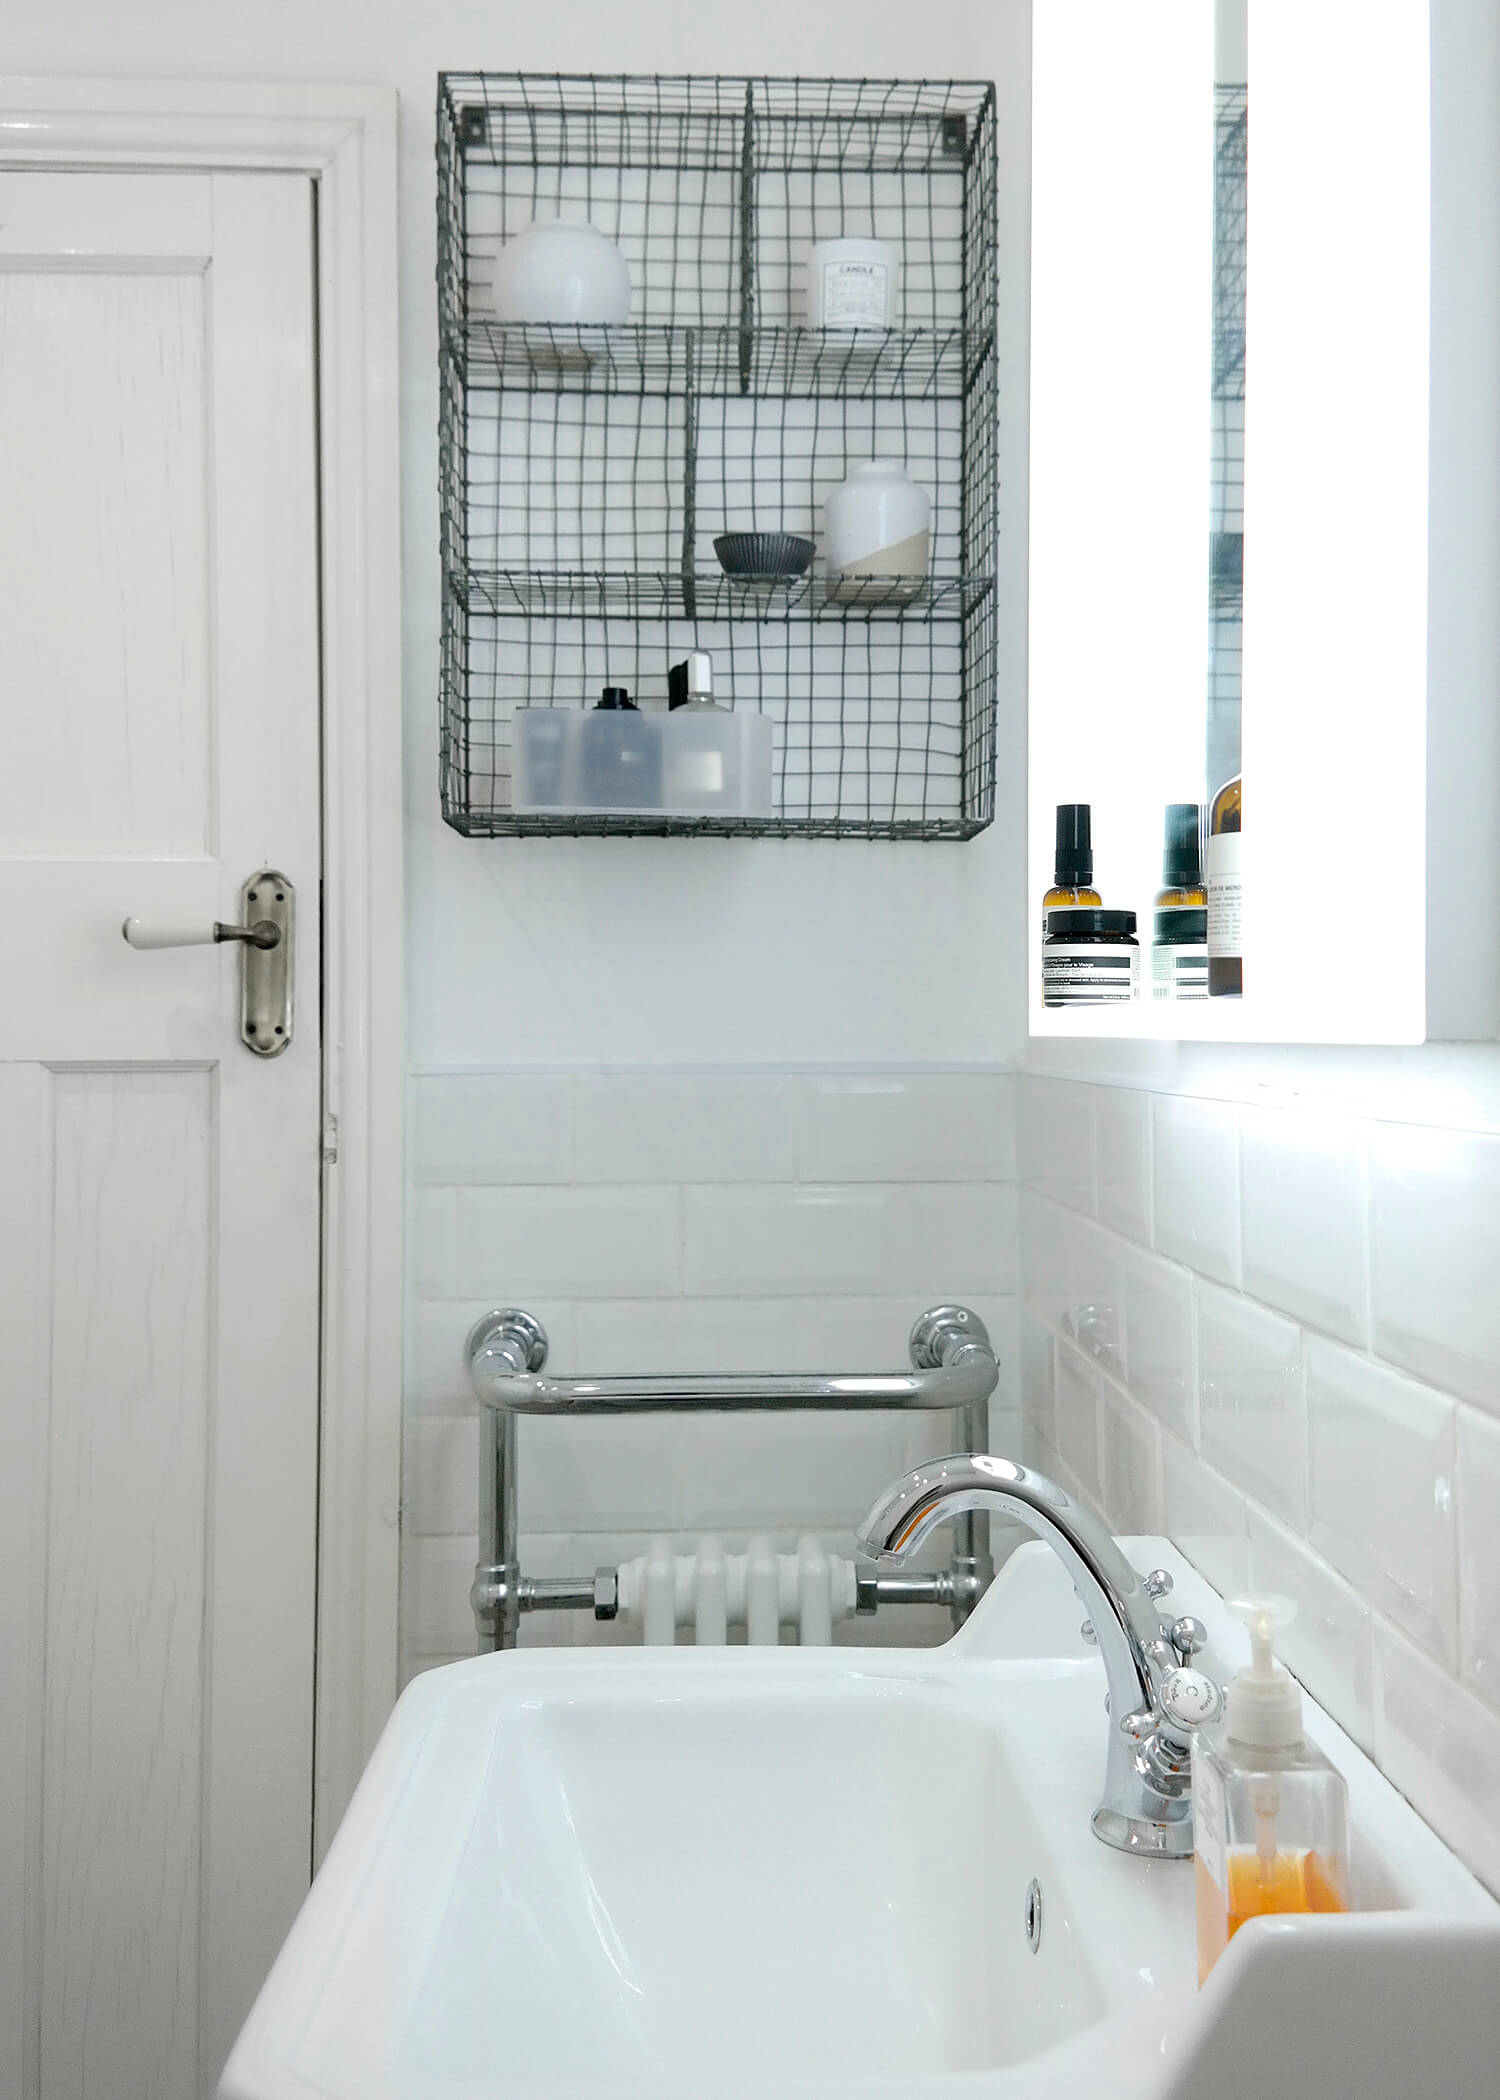 Joe's Illuminated Bathroom Mirror & Wire Locker Room Shelf | Joe's Scandi-Style Vintage Bathroom - Birmingham